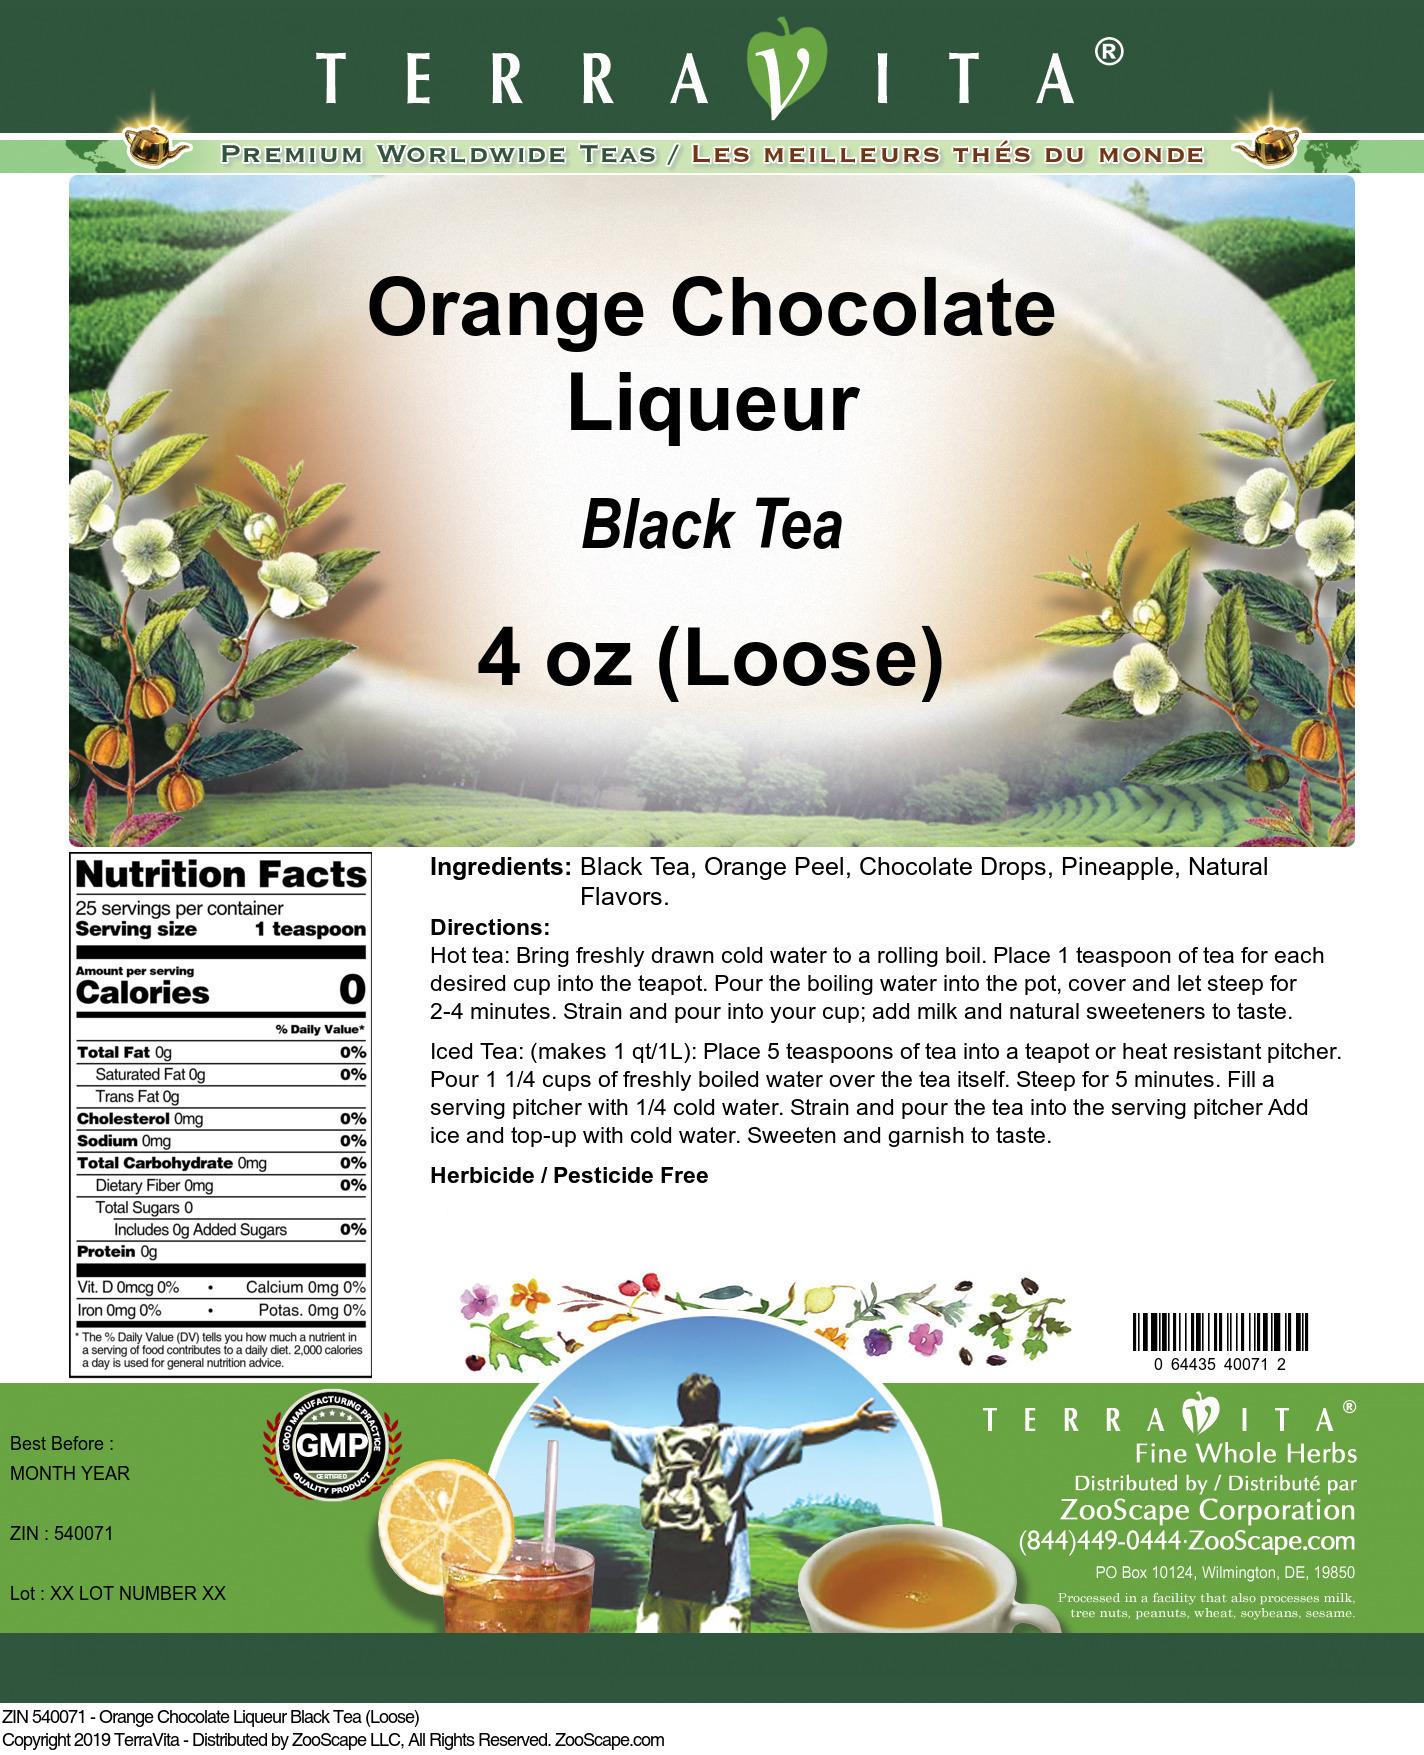 Orange Chocolate Liqueur Black Tea